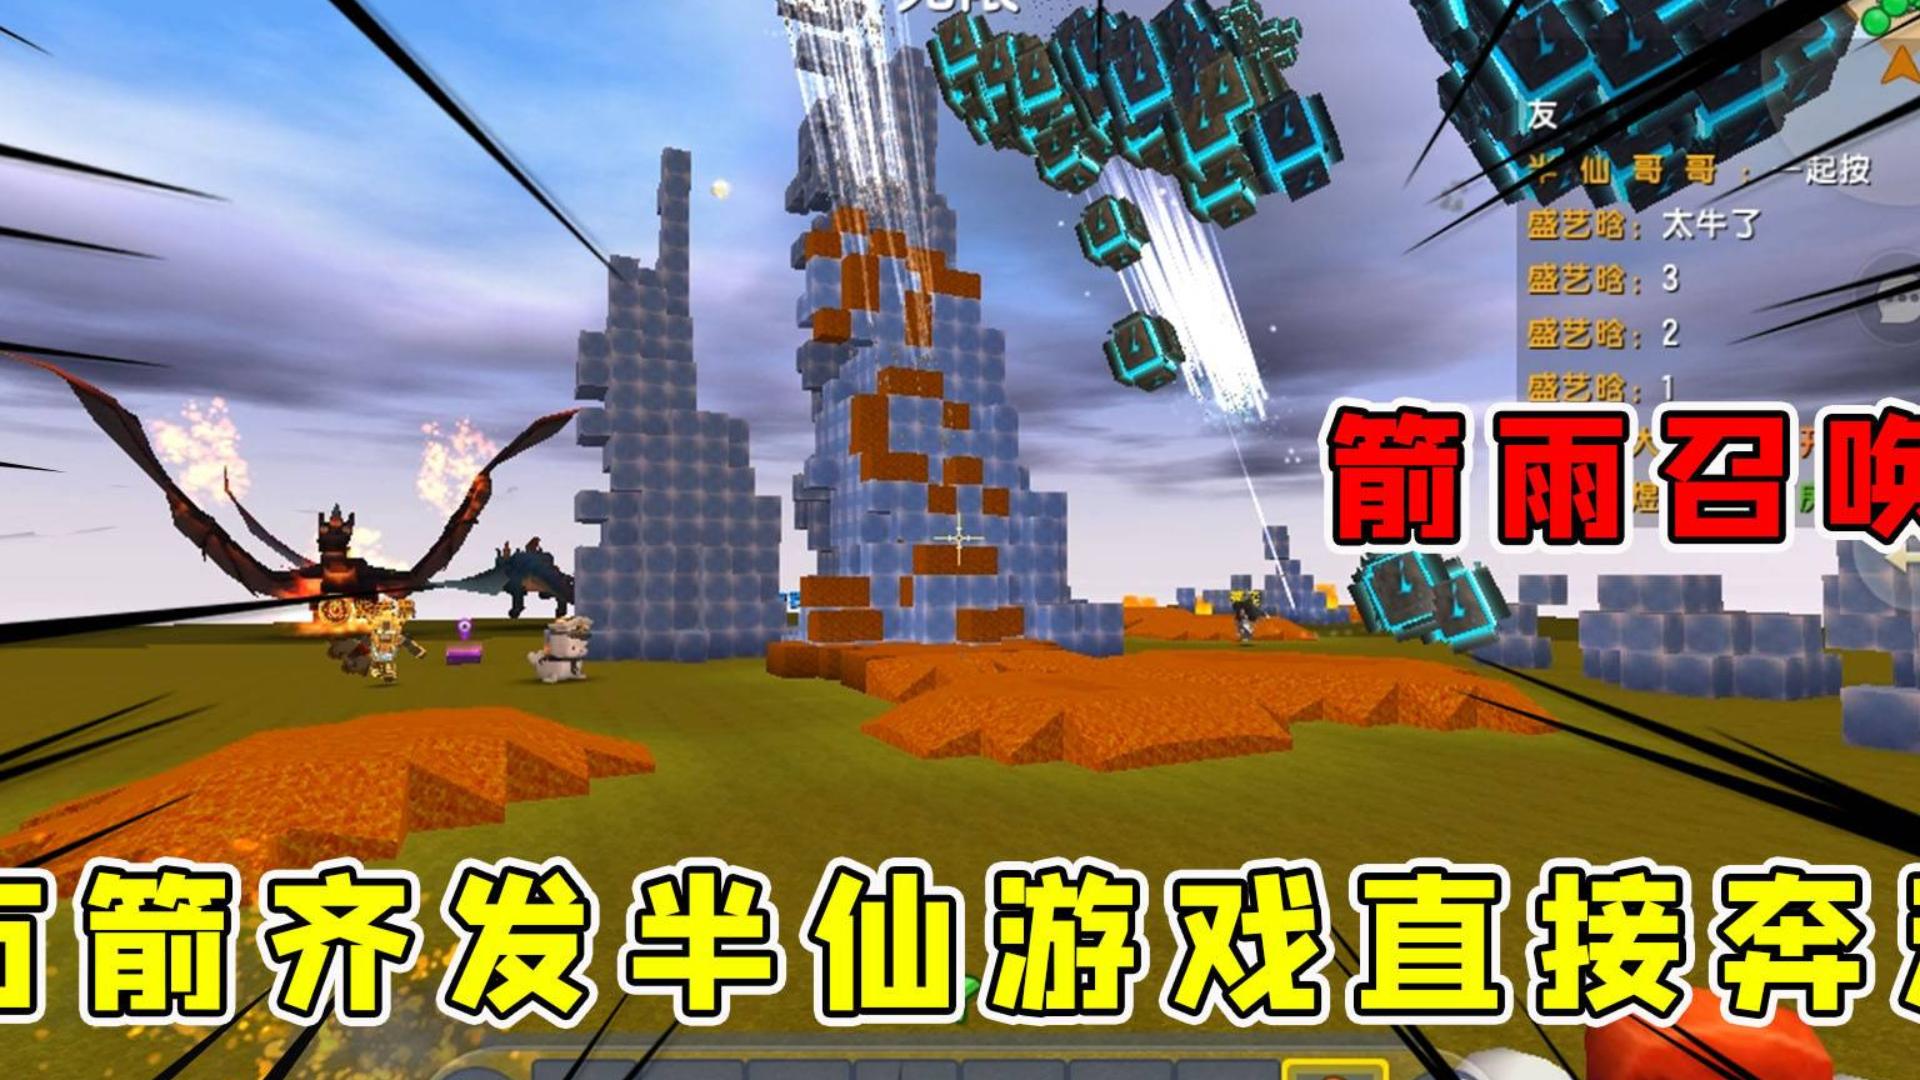 迷你世界:箭雨召唤器,当所有箭雨同时召唤半仙游戏直接崩溃,太狠了